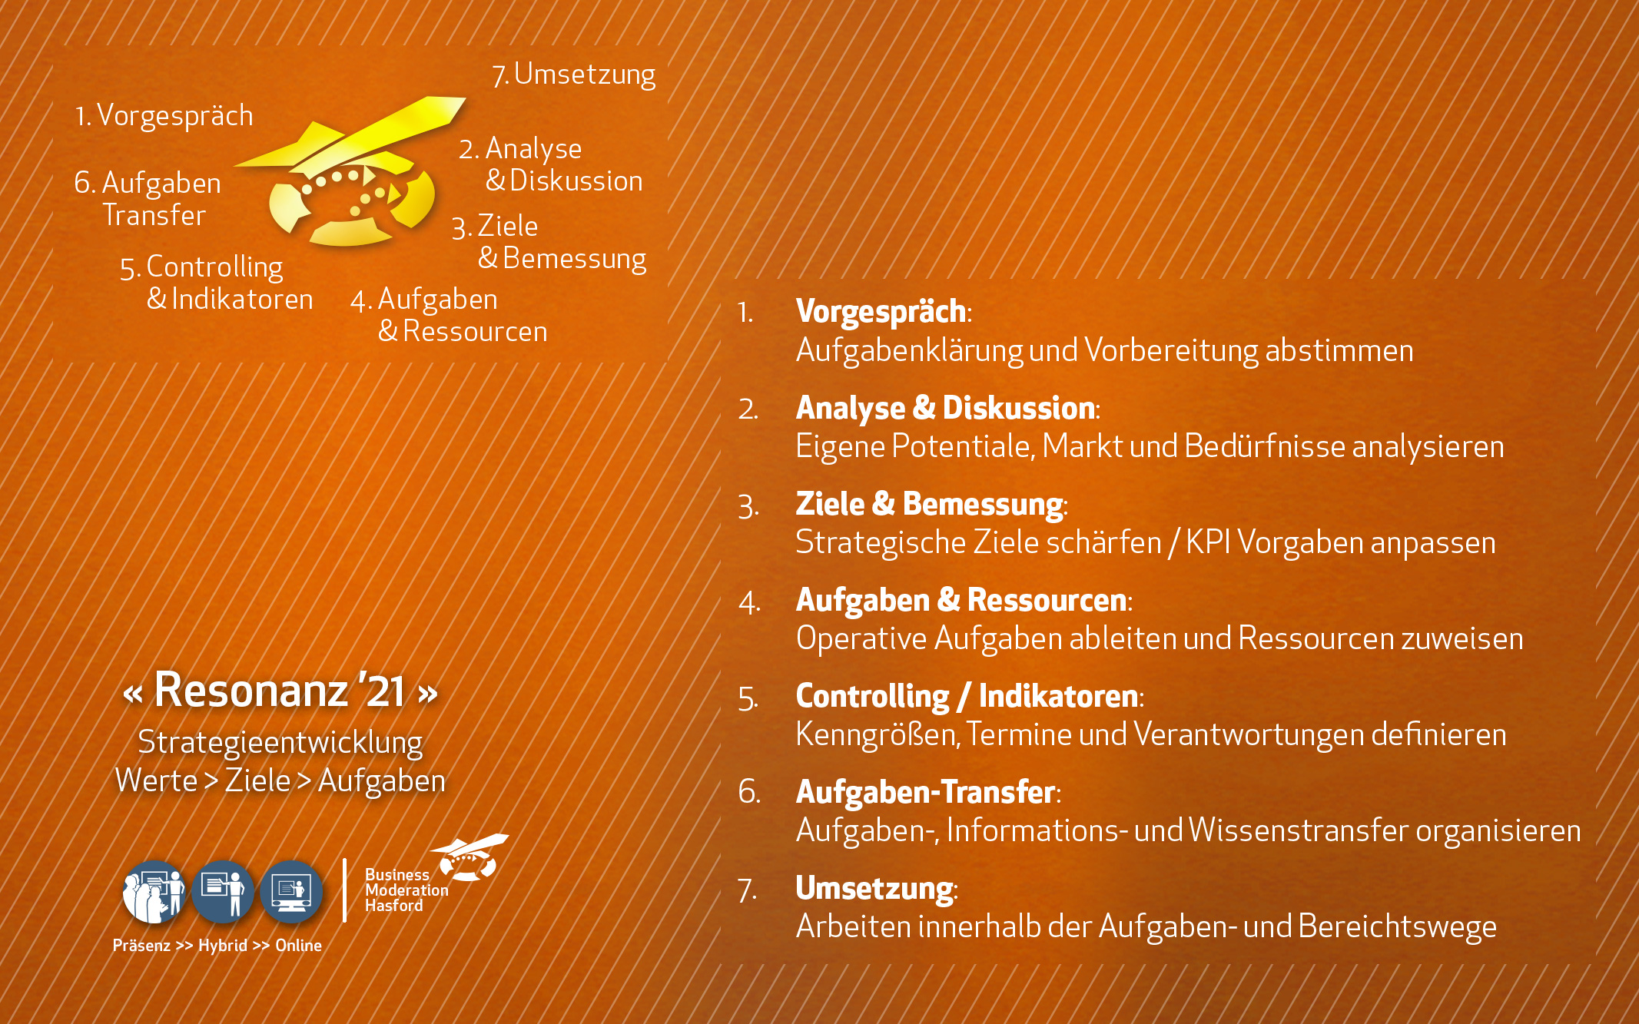 Resonanz '21 – Workshop zur Strategieentwicklung in Unternehmen, Verband, Organisation